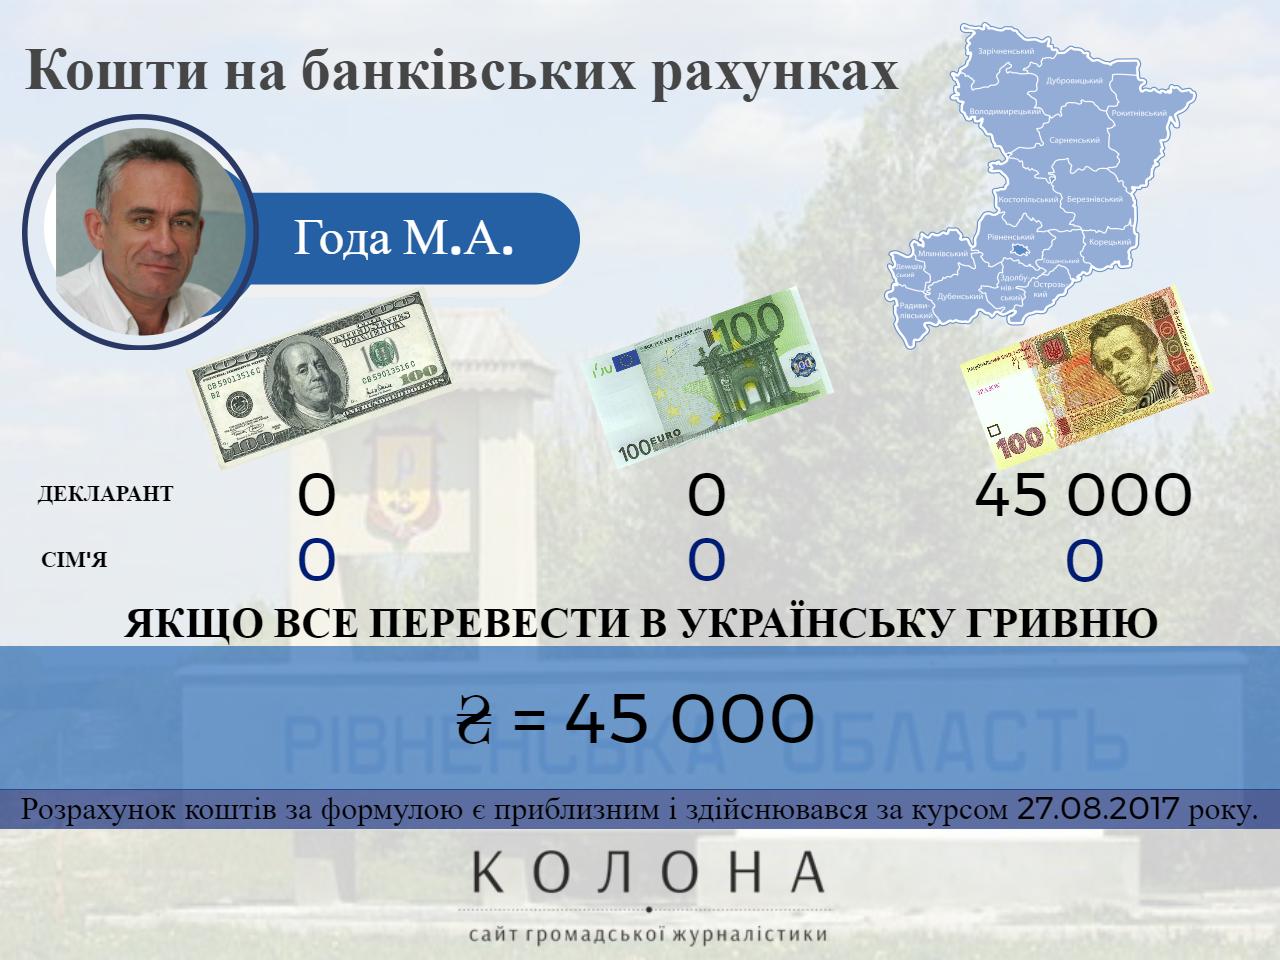 Года Маріян Адамович